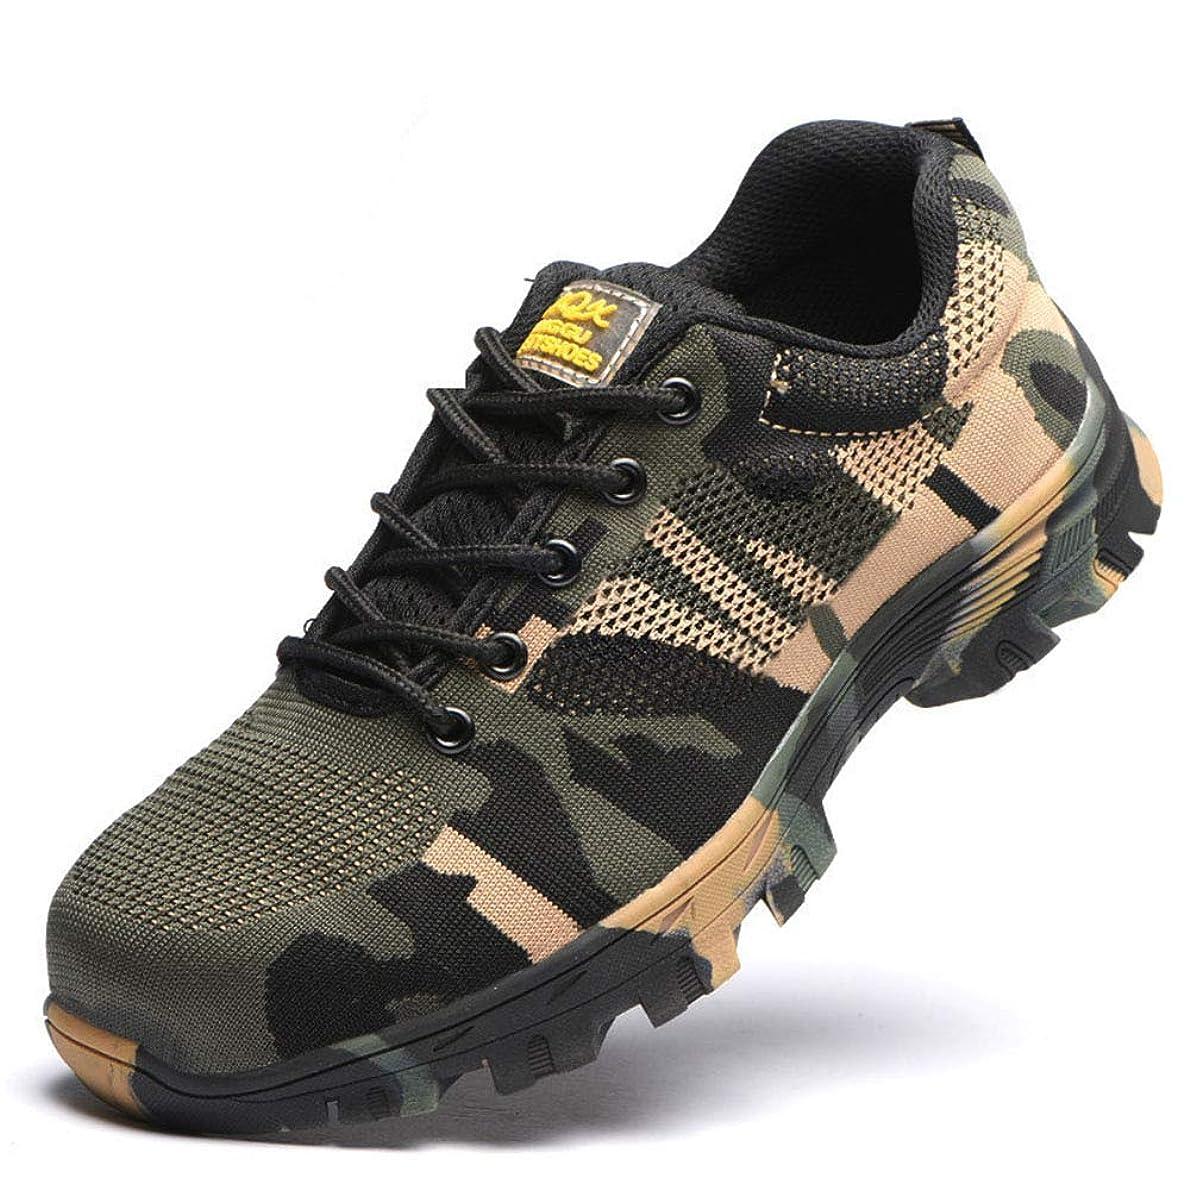 ダーリン友だち実験室安全作業靴、鋼つま先キャップ抗パンク防止ツーリング靴、滑り止め摩耗迷彩ハイキングシューズ、建設現場に適し、溶接ZDDAB